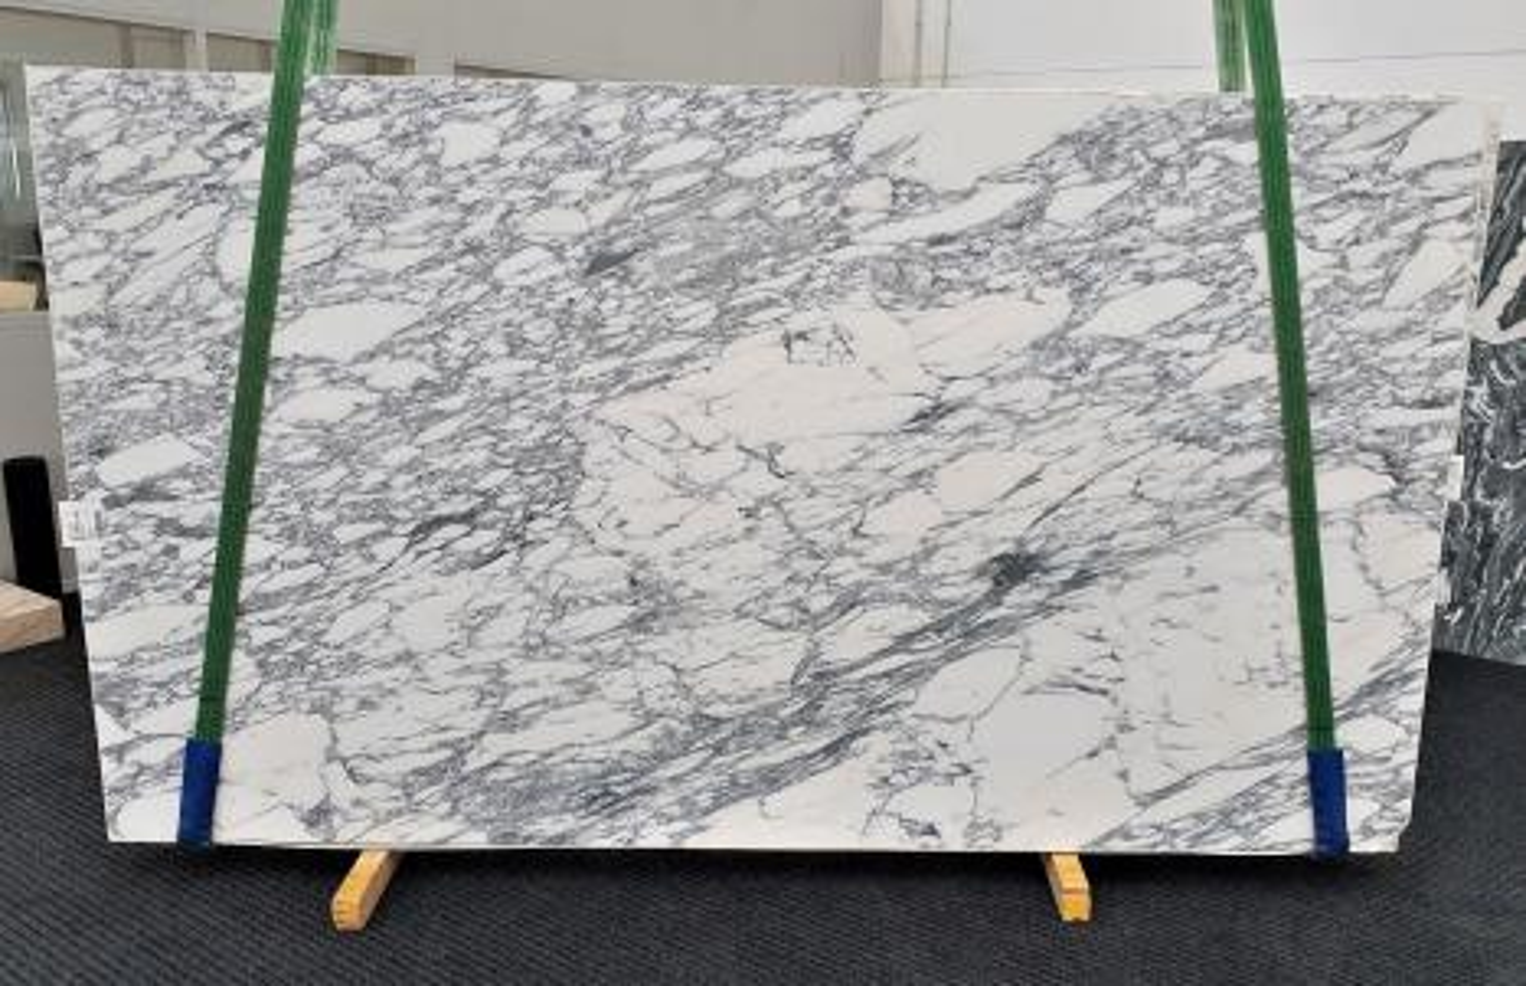 ARABESCATO CORCHIA geschliffene Unmaßplatten 1420 aus Natur Marmor , Slab #26: Lieferung Veneto, Italien